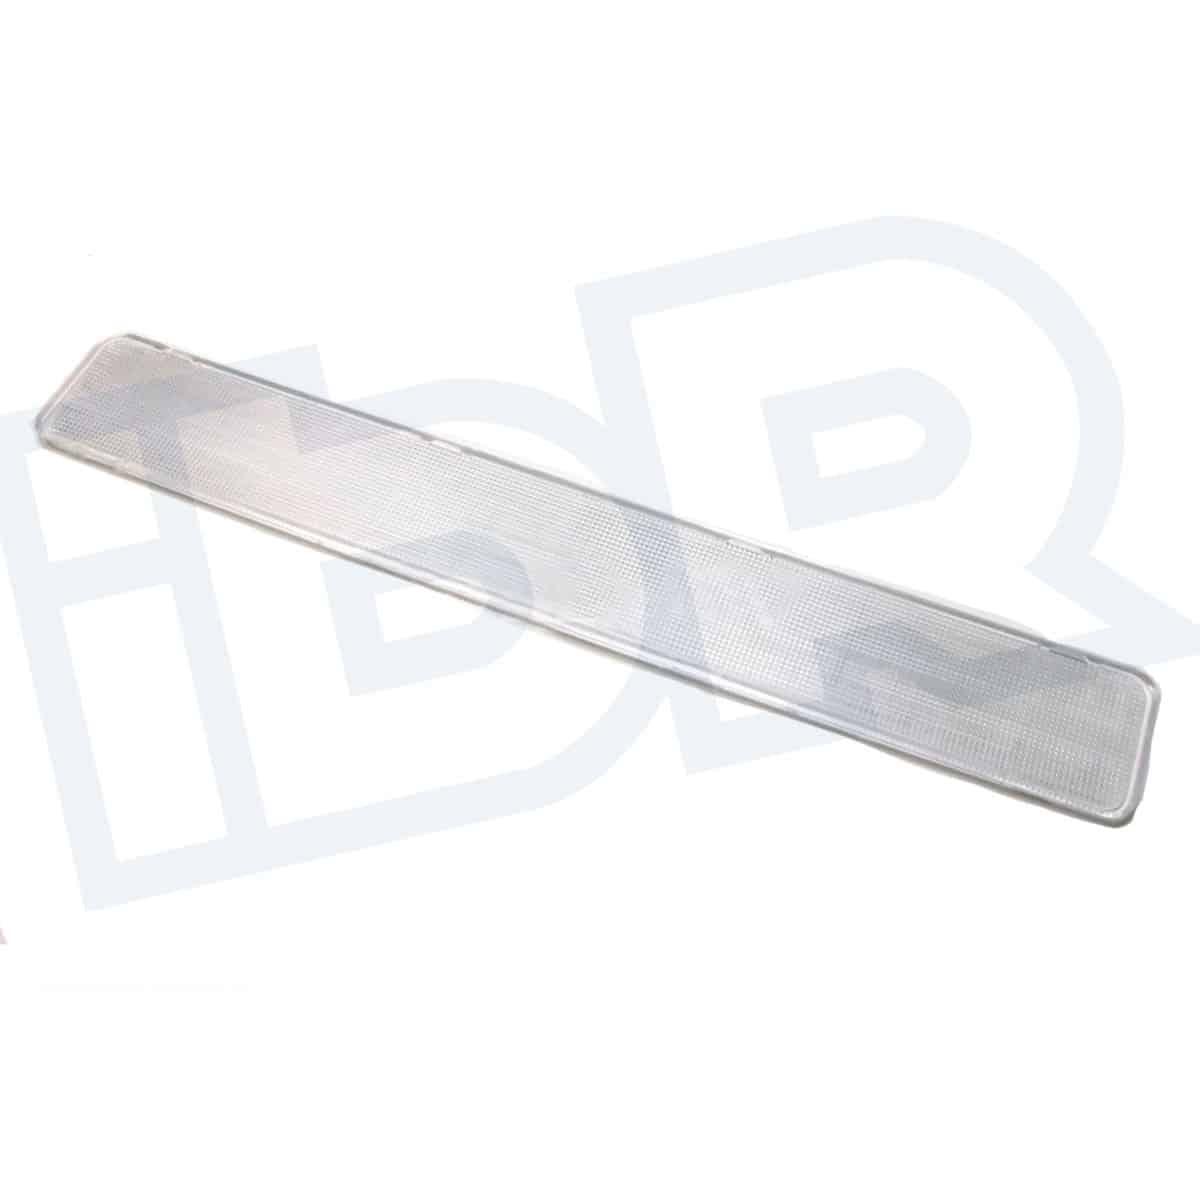 Deflector Teka 61801255